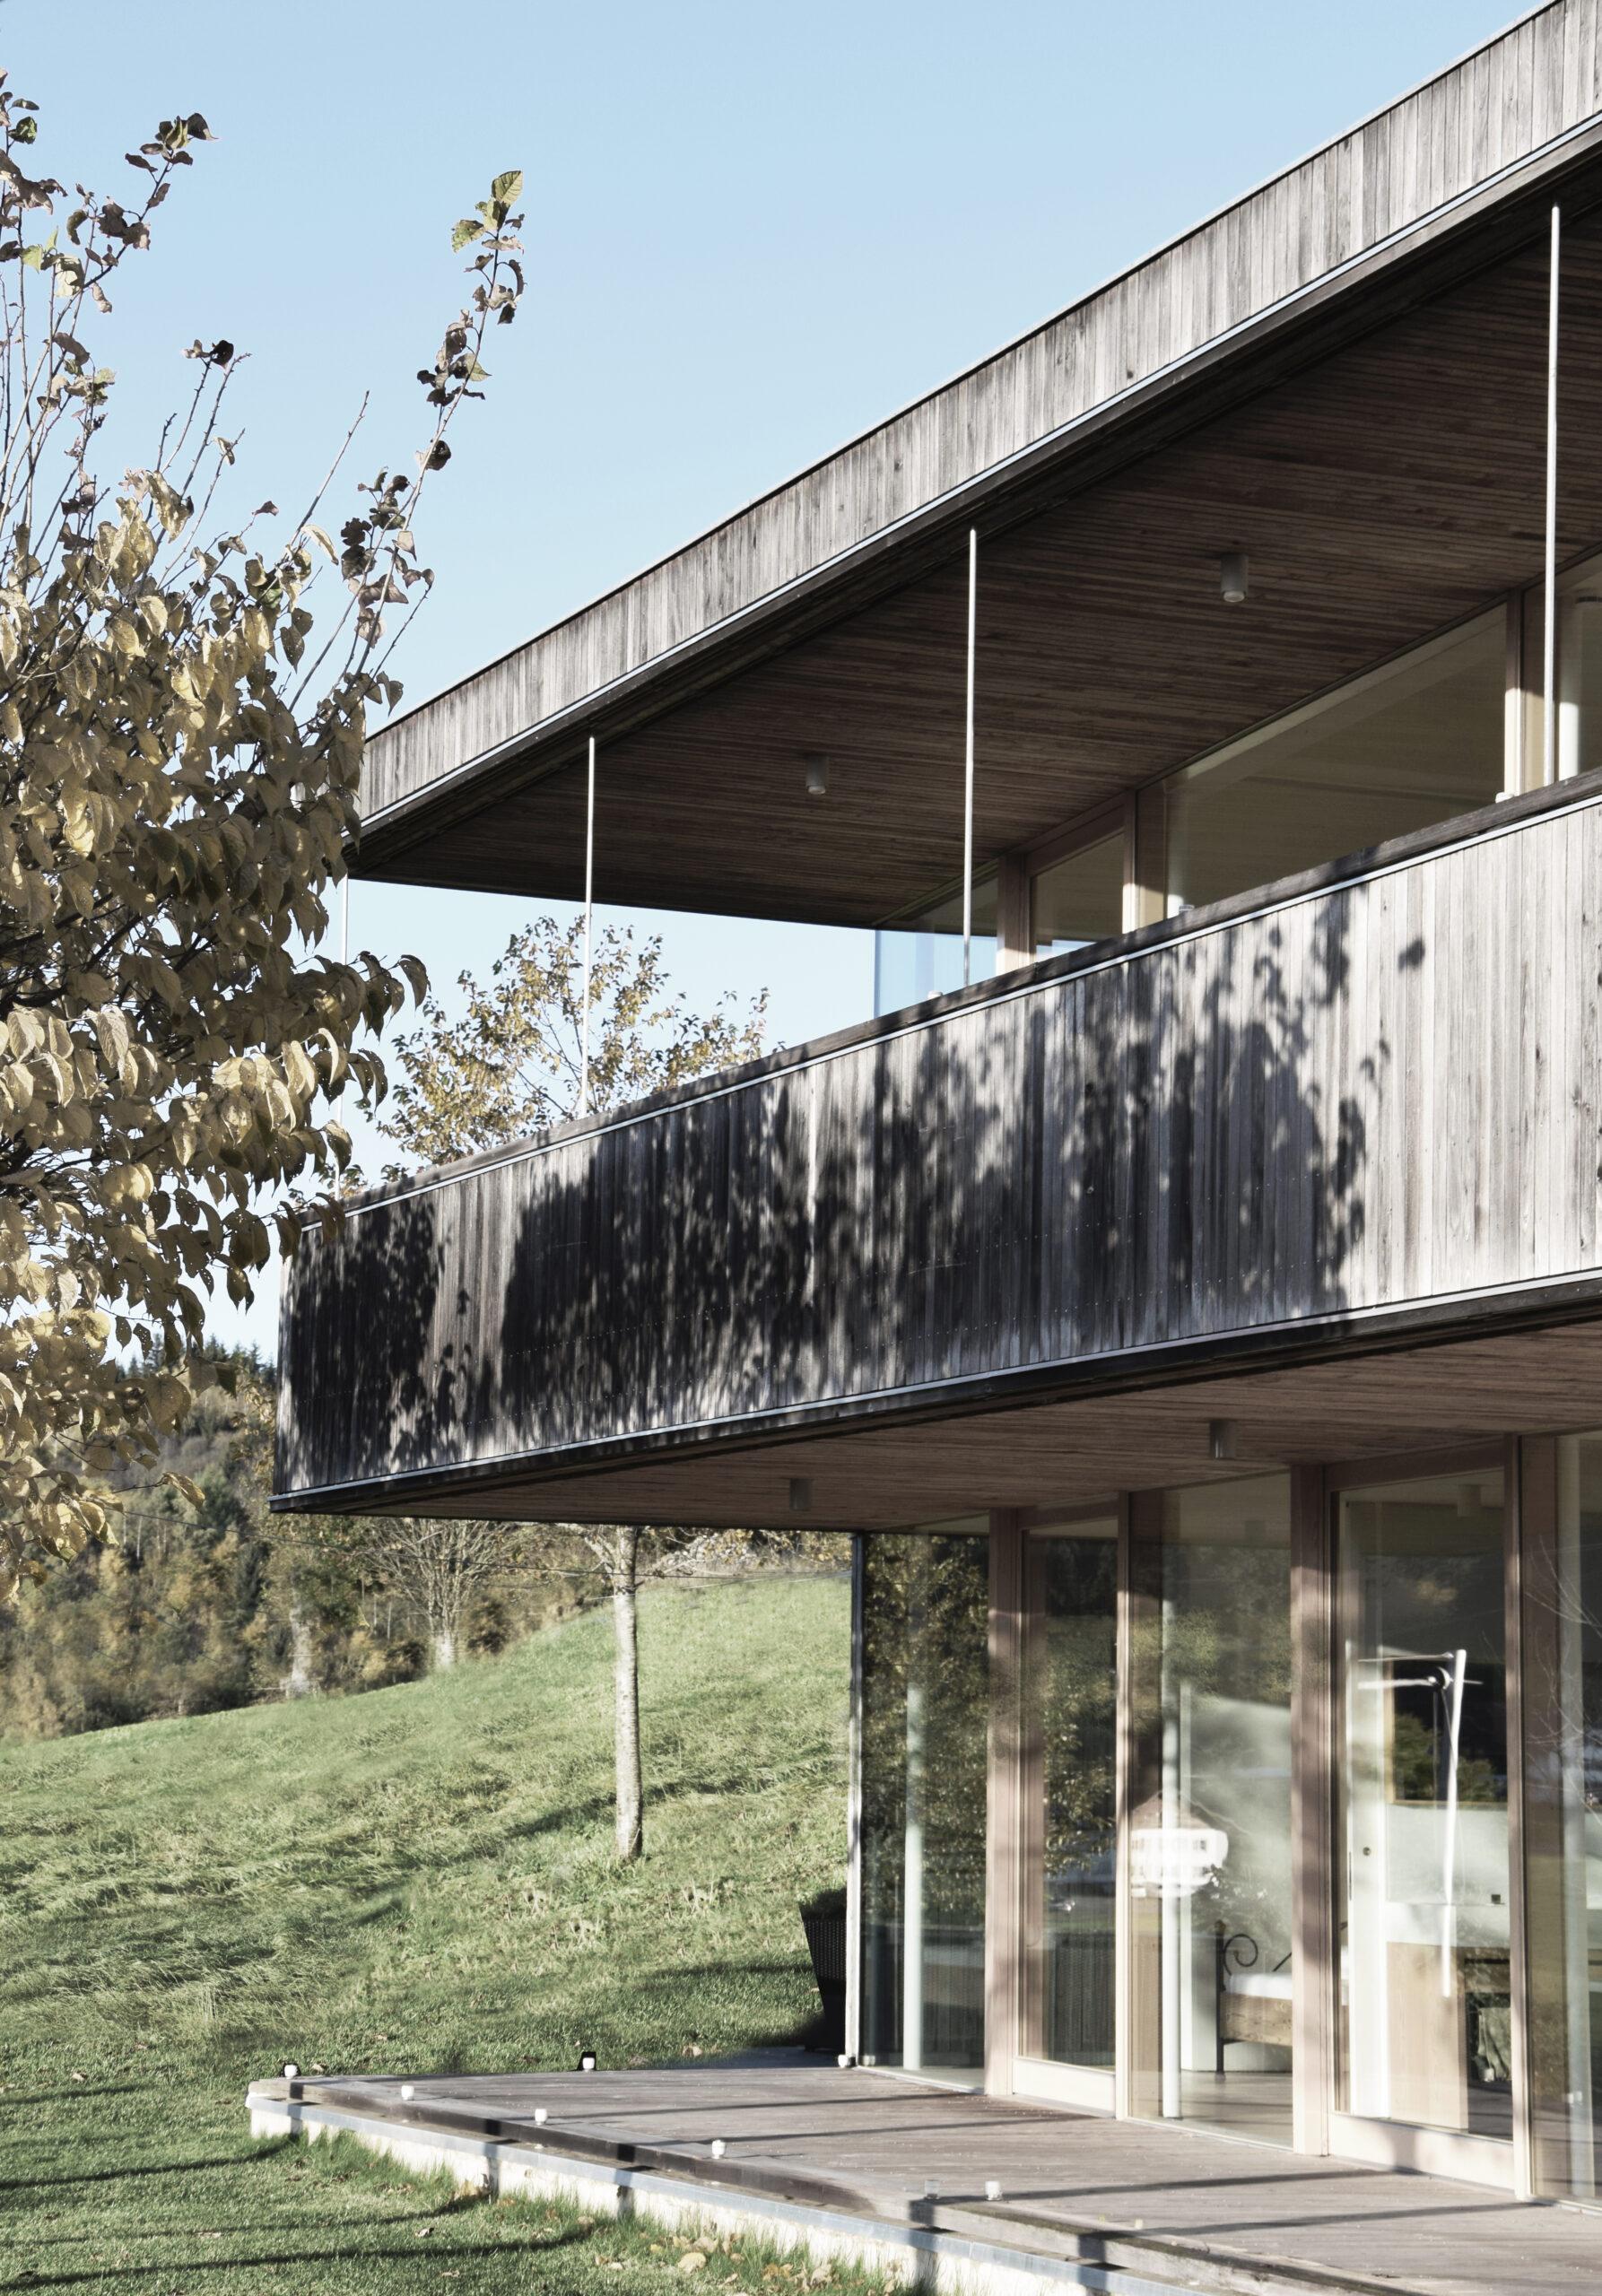 Michael-Becker-Architects-Architekten-Haus-s-03